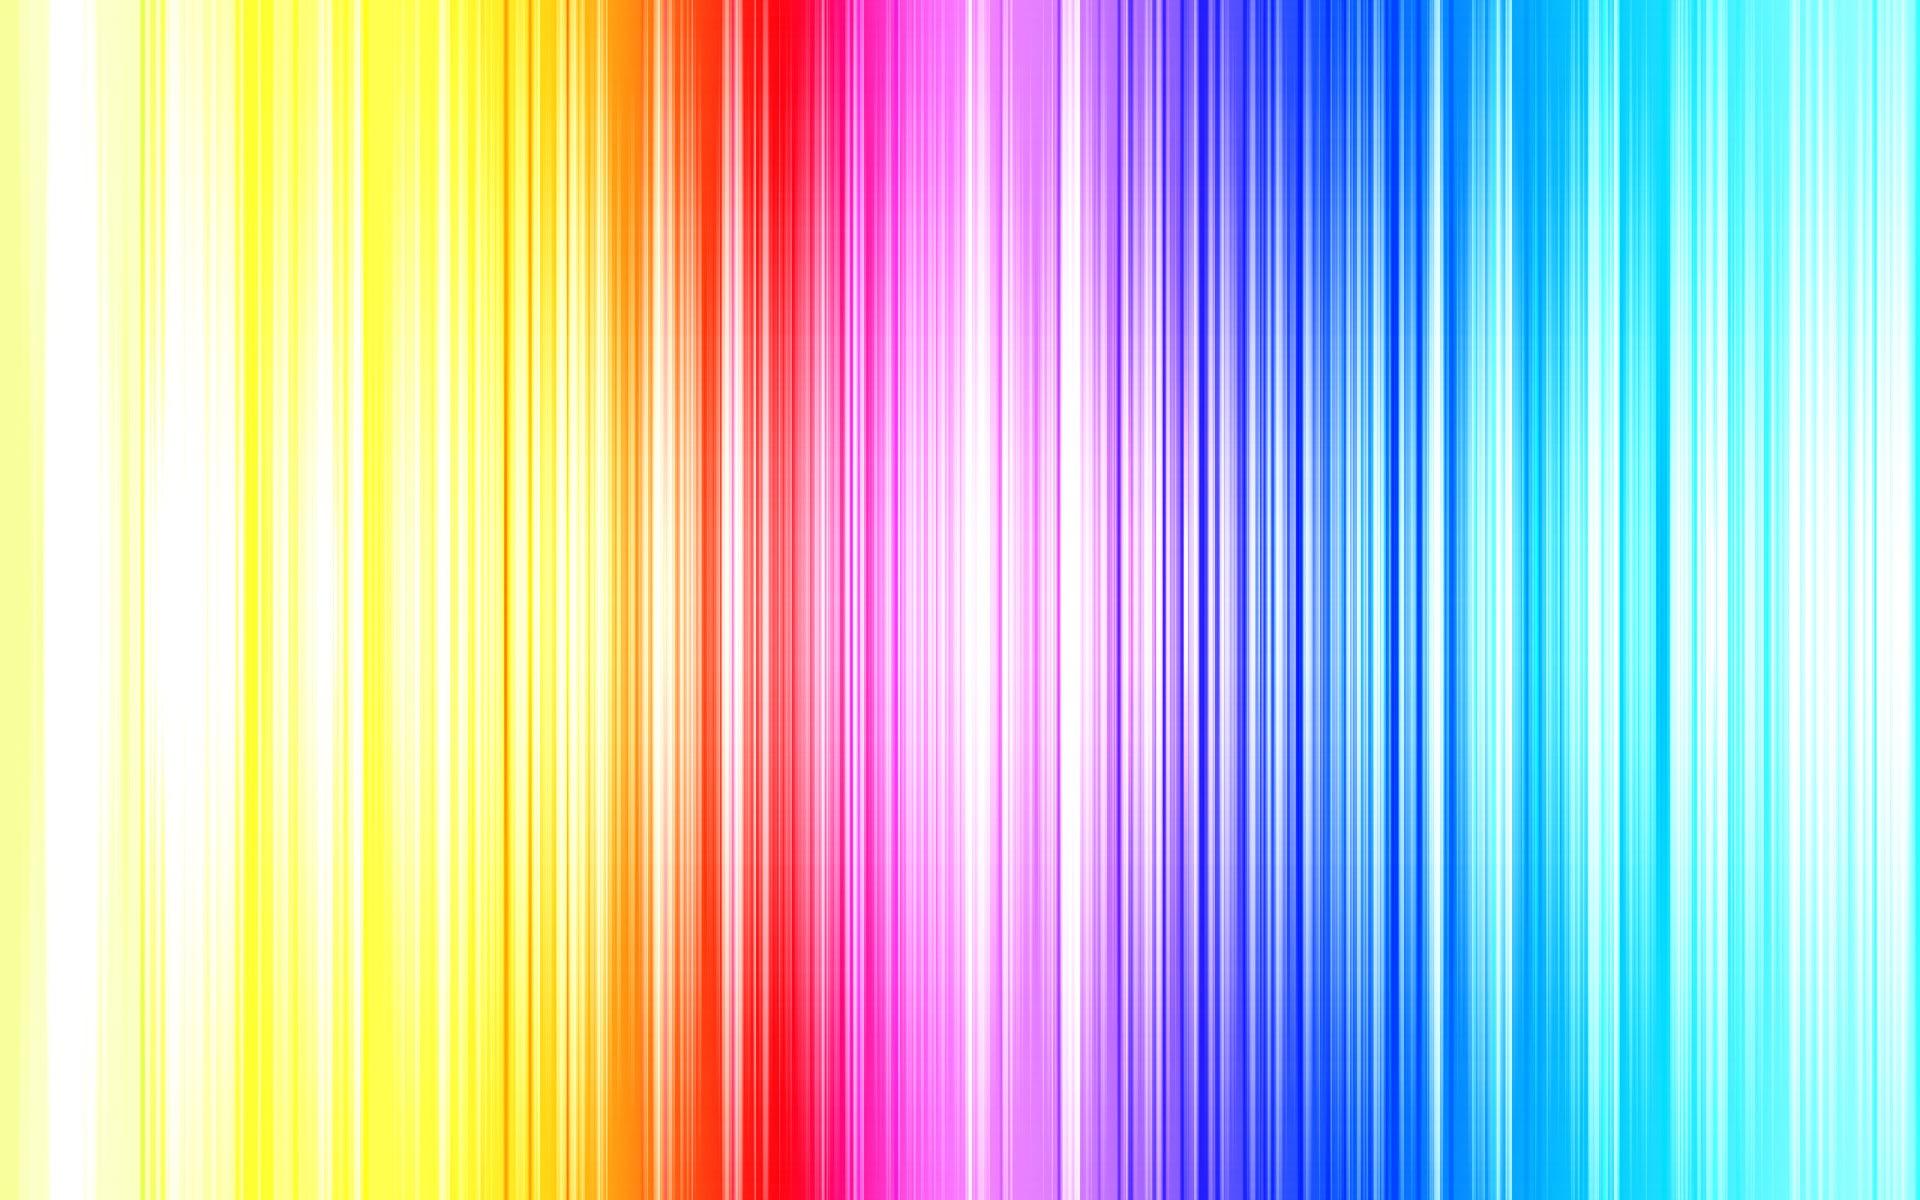 Colour background clipart.